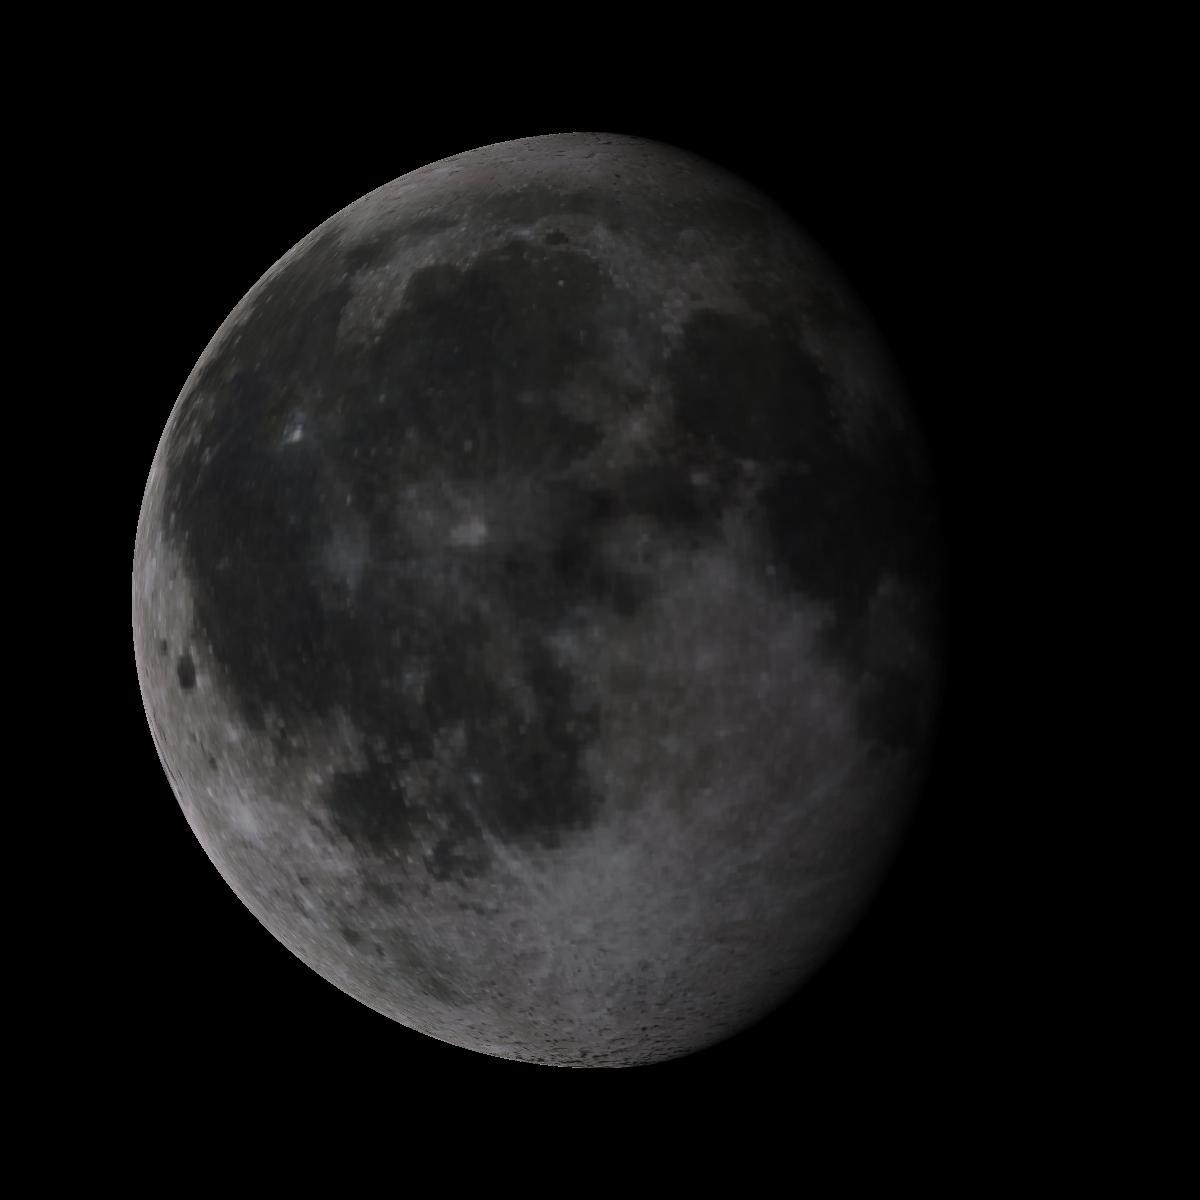 Lune du 16 novembre 2019